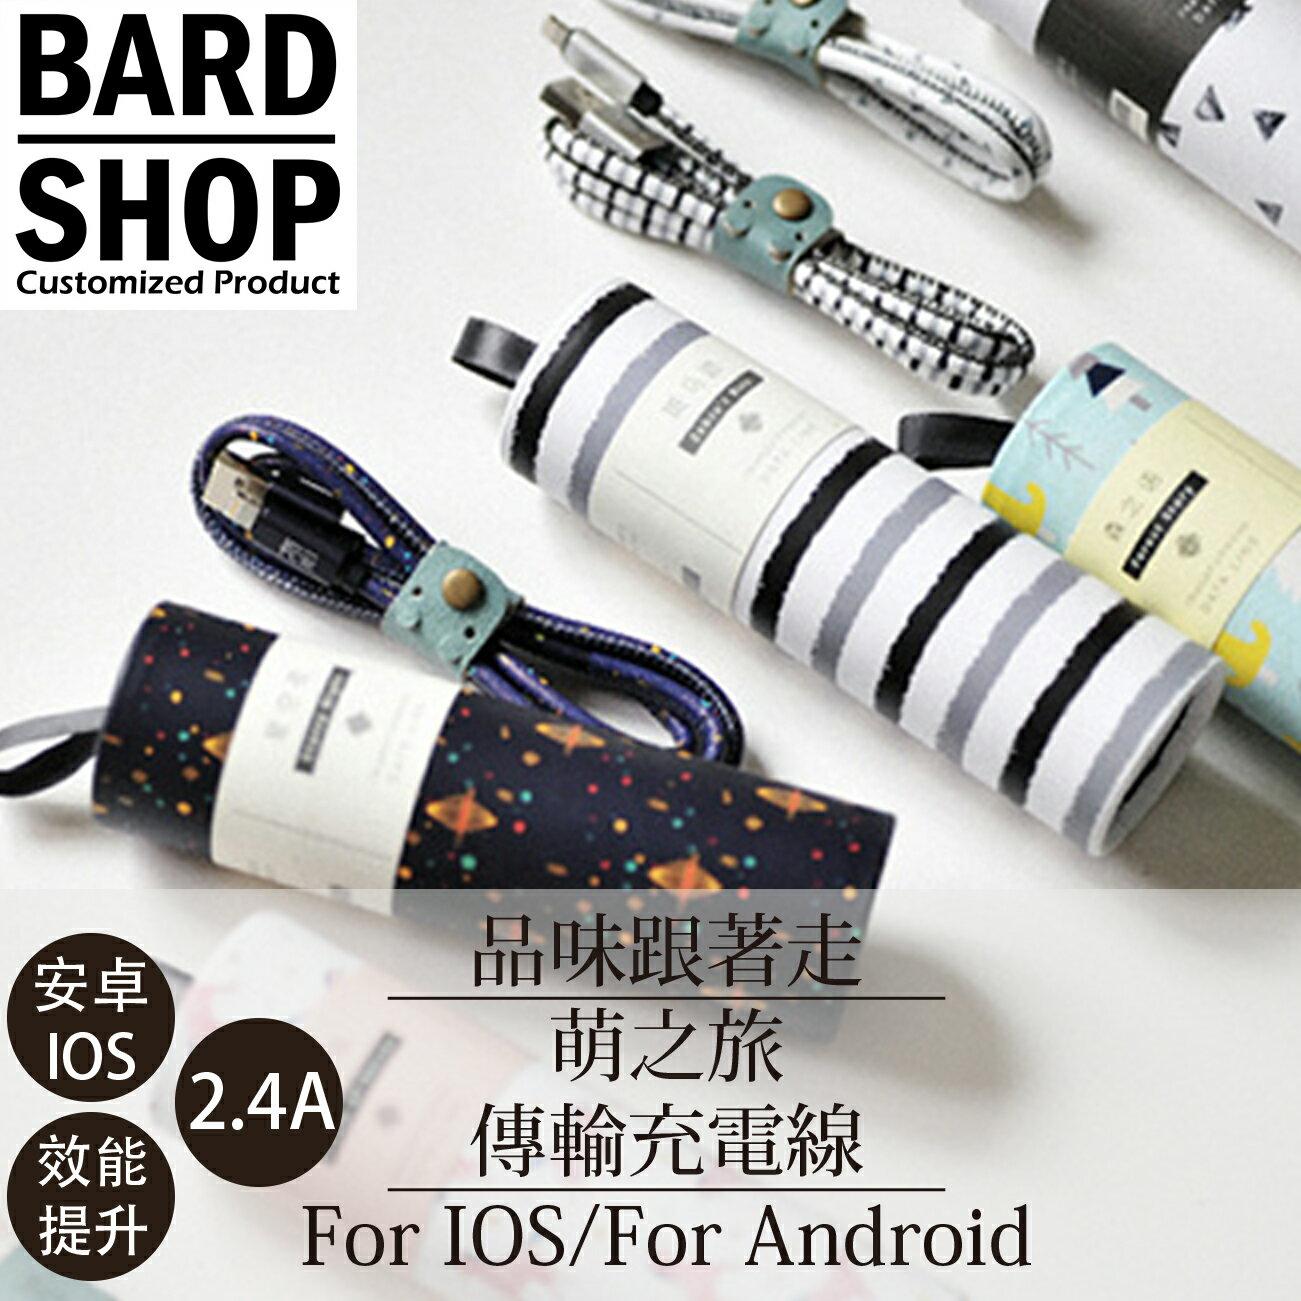 [現貨]【BardShop推薦小物】爆款新品 超萌森林系充電線/2.4A快充/萌物必備/傳輸線/安卓/IOS 0